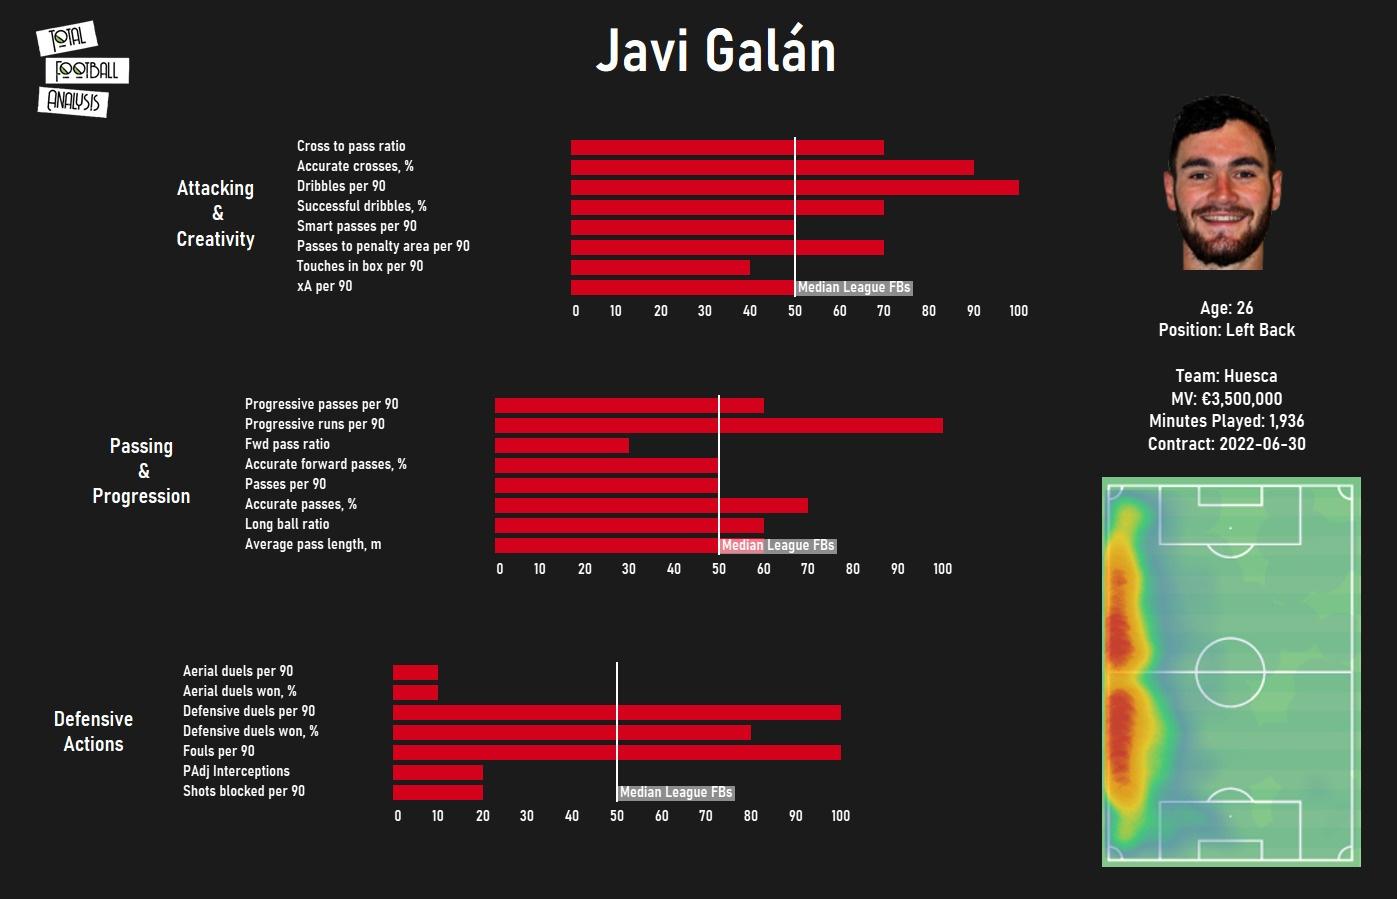 avi Galan 2020/21 - scout report - tactical analysis - tactics